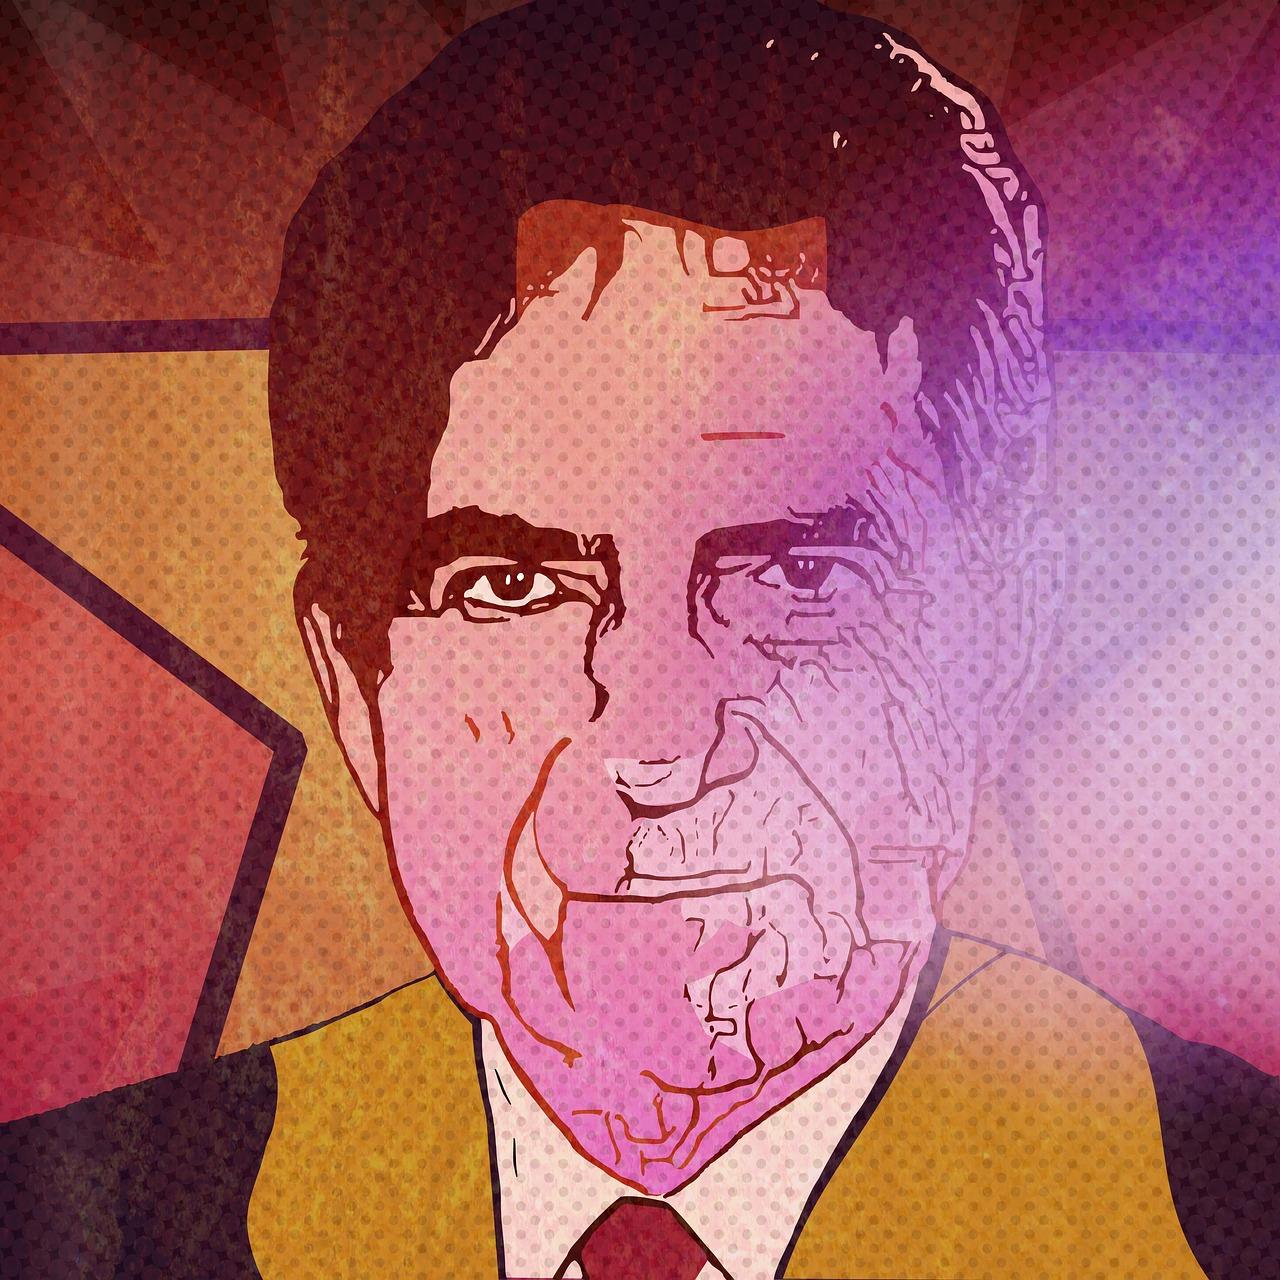 Nixon do końca zaprzeczał wszystkim zarzutom dotyczącym własnego udziału w aferze i próbach torpedowania śledztwa.